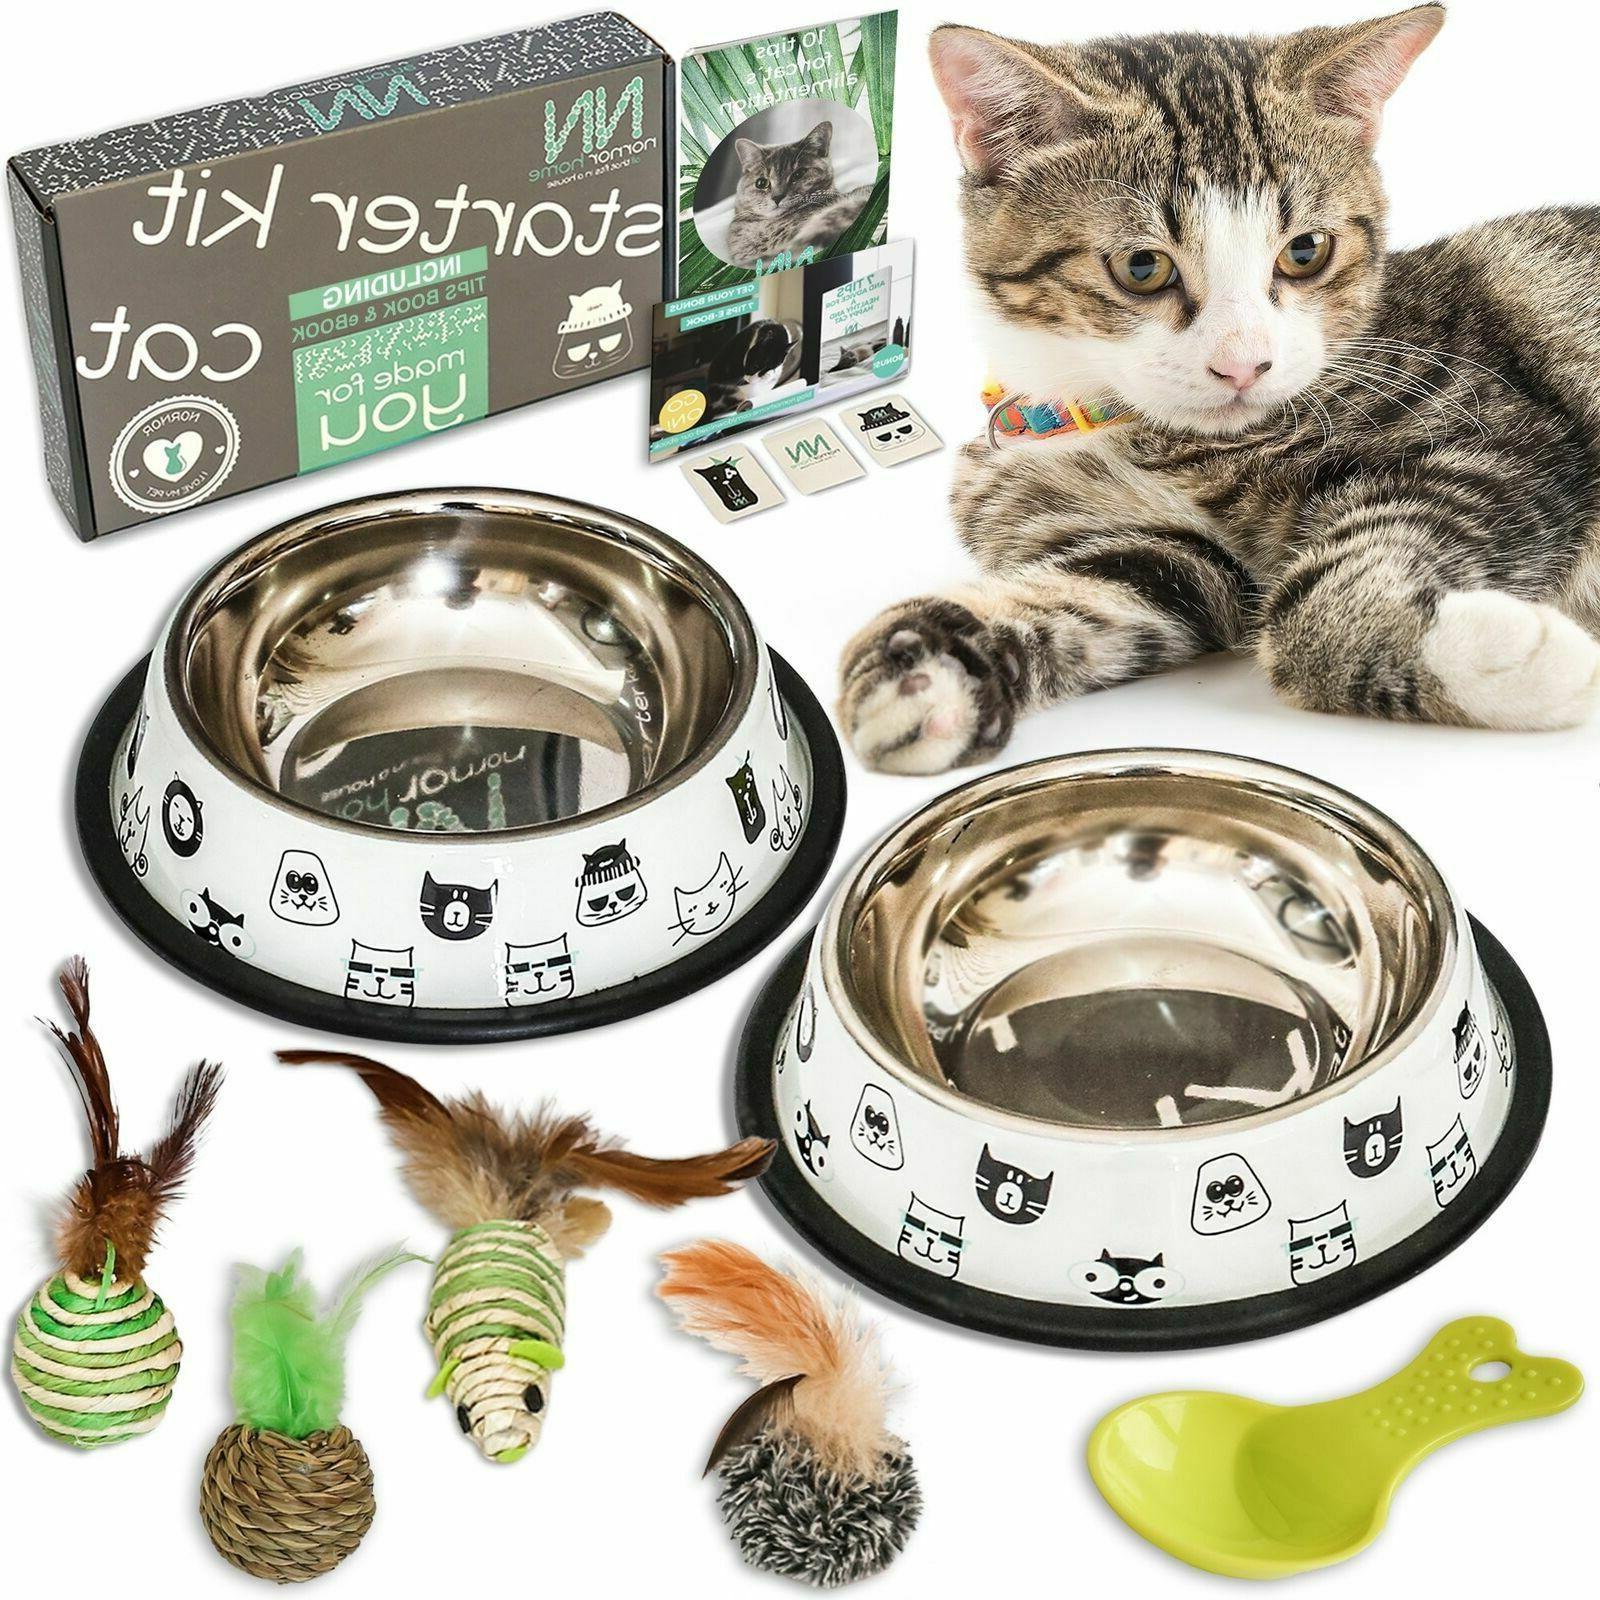 cat bowl set includes 2 bowls 4